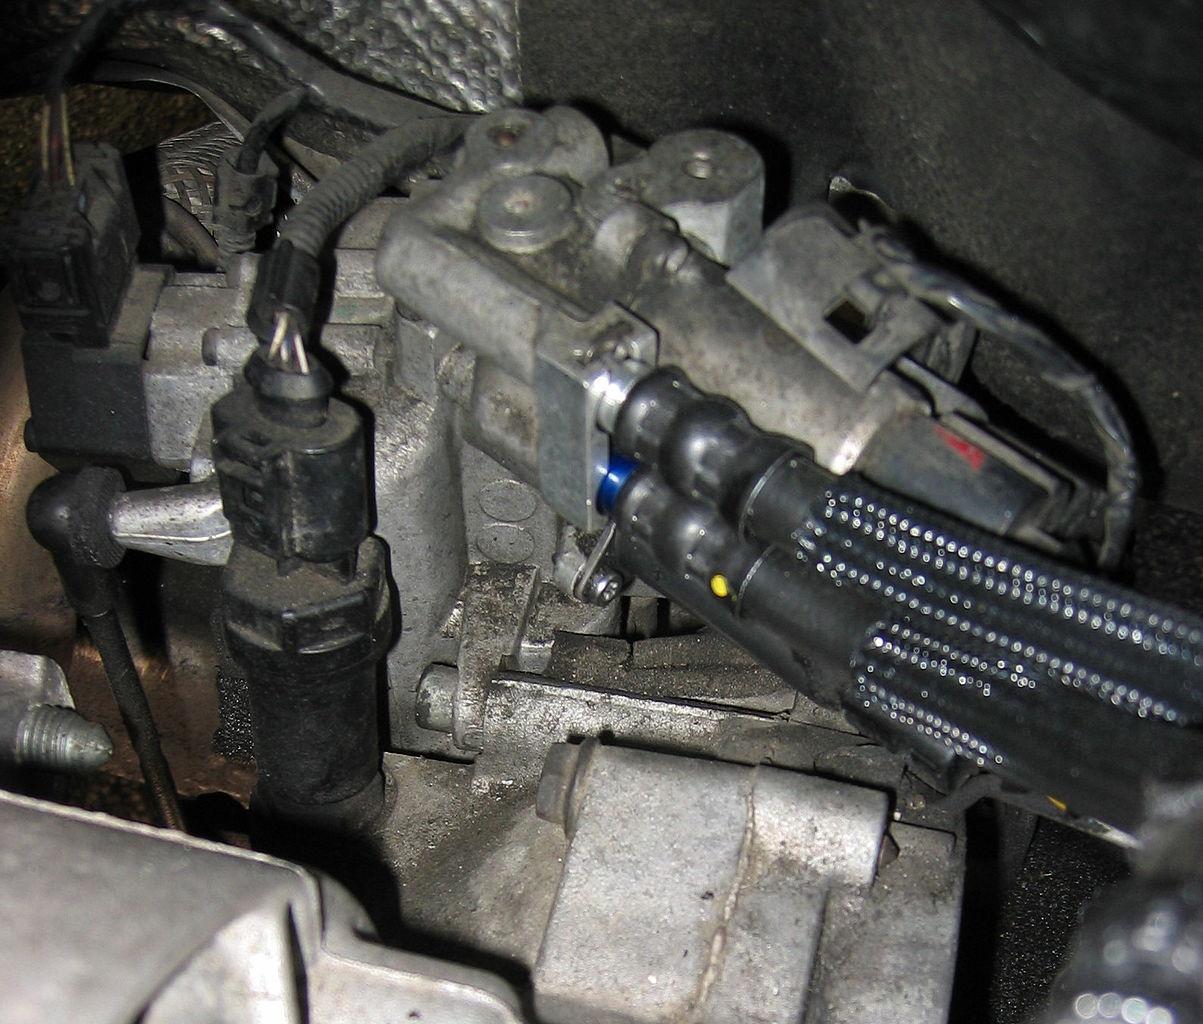 Mercedes Sprinter Wiki >> File:Lupo 3L Gangsteller IMG 0523.JPG - Wikimedia Commons